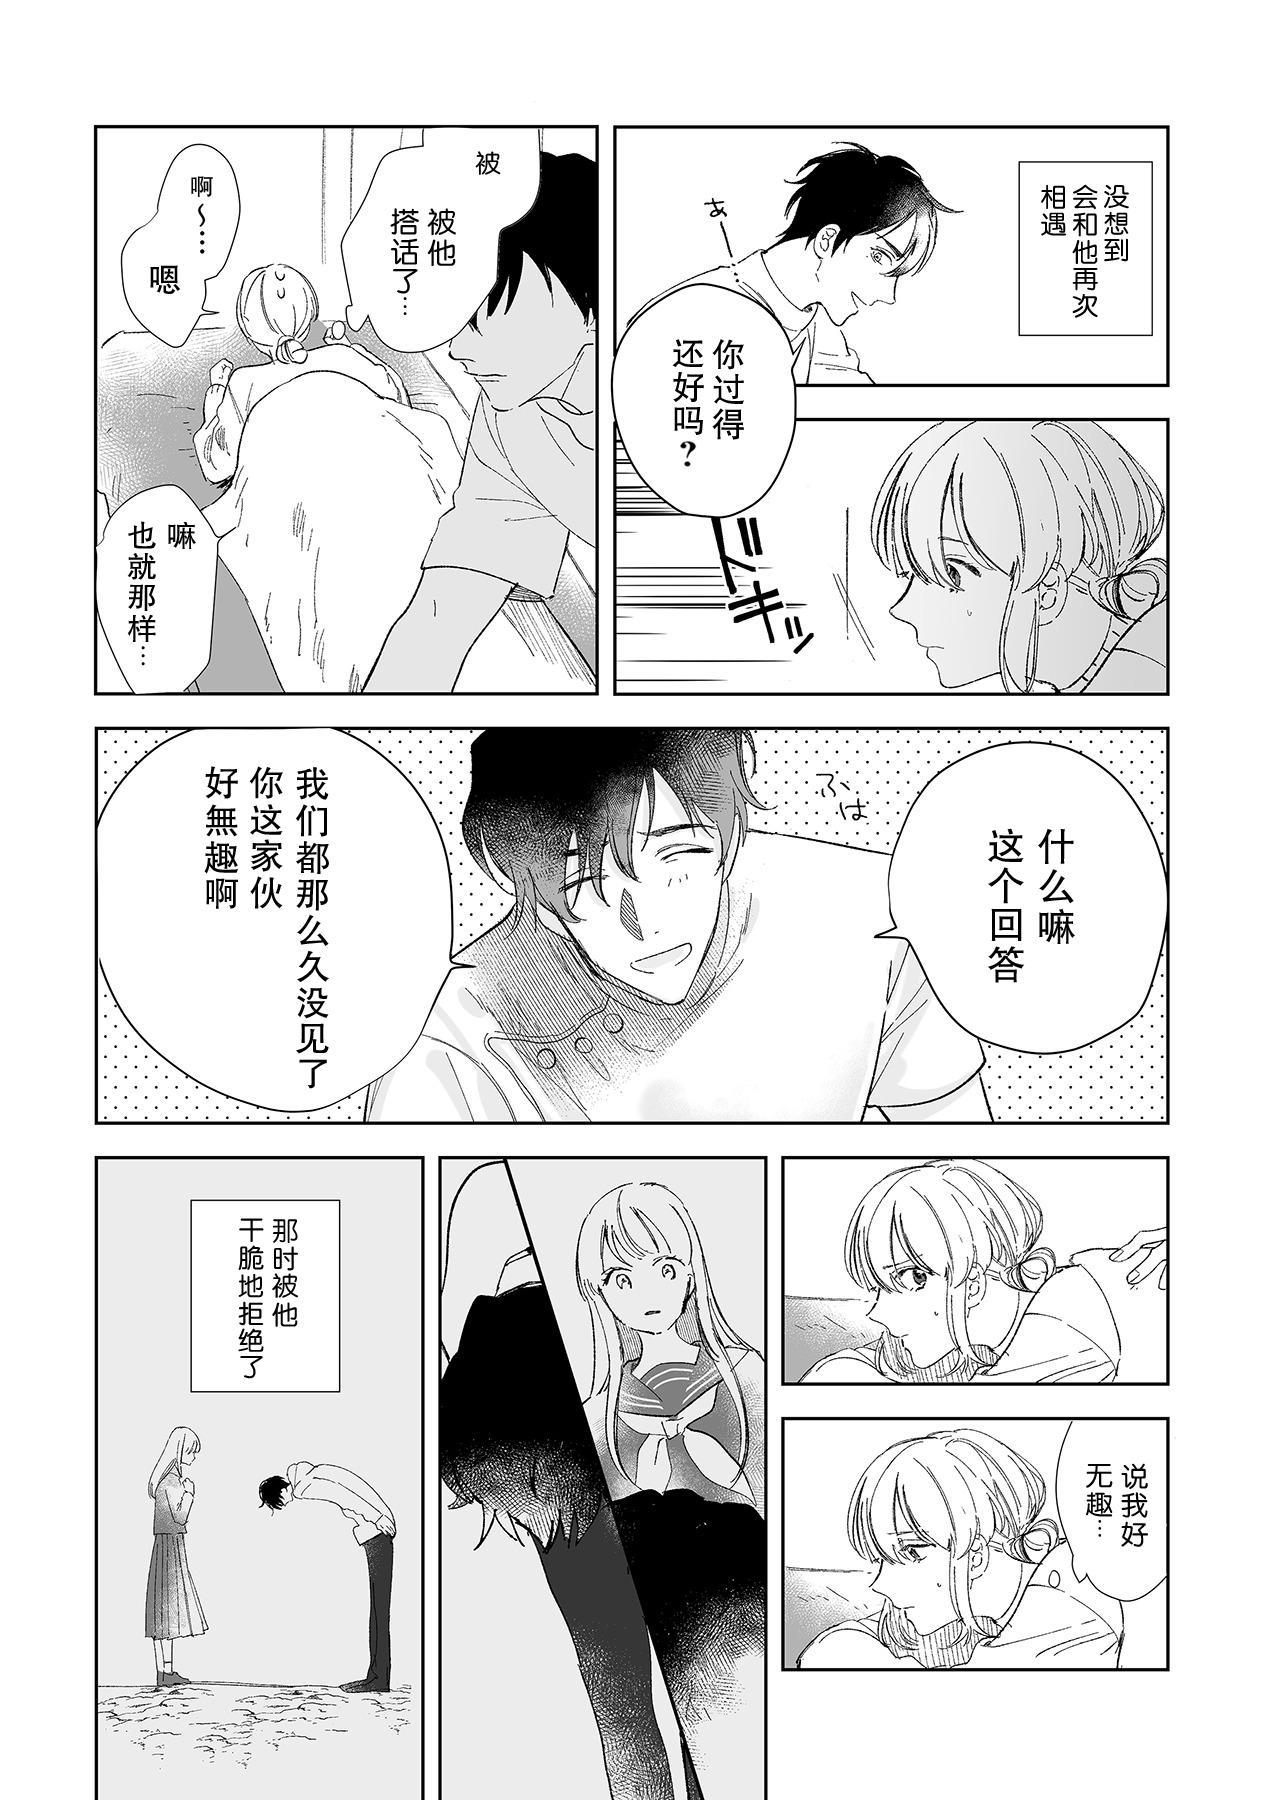 [Ryo] Osananajimi ja tarinai ~ seitai-shi no shigi wa yasashiku zuru i ~   无法满足于青梅竹马的关系~推拿师他的指技又厉害又狡猾~ Ch. 1-2 [Chinese] [莉赛特汉化组] 5